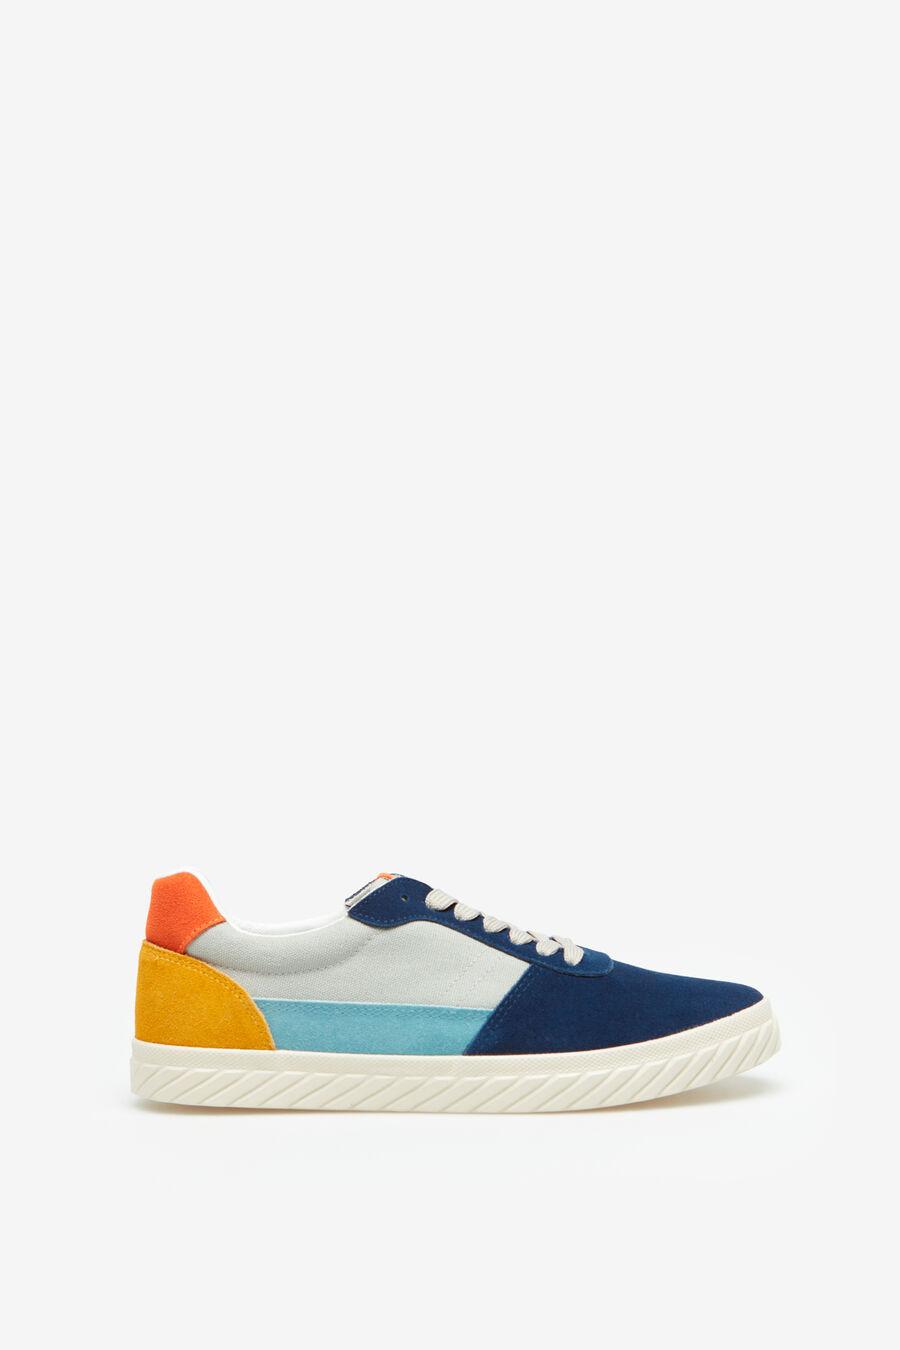 Artikel klicken und genauer betrachten! - Schnür-sneaker aus canvas und rauleder in verschiedenen farben. Sneaker aus rauleder und stoff springfield   im Online Shop kaufen